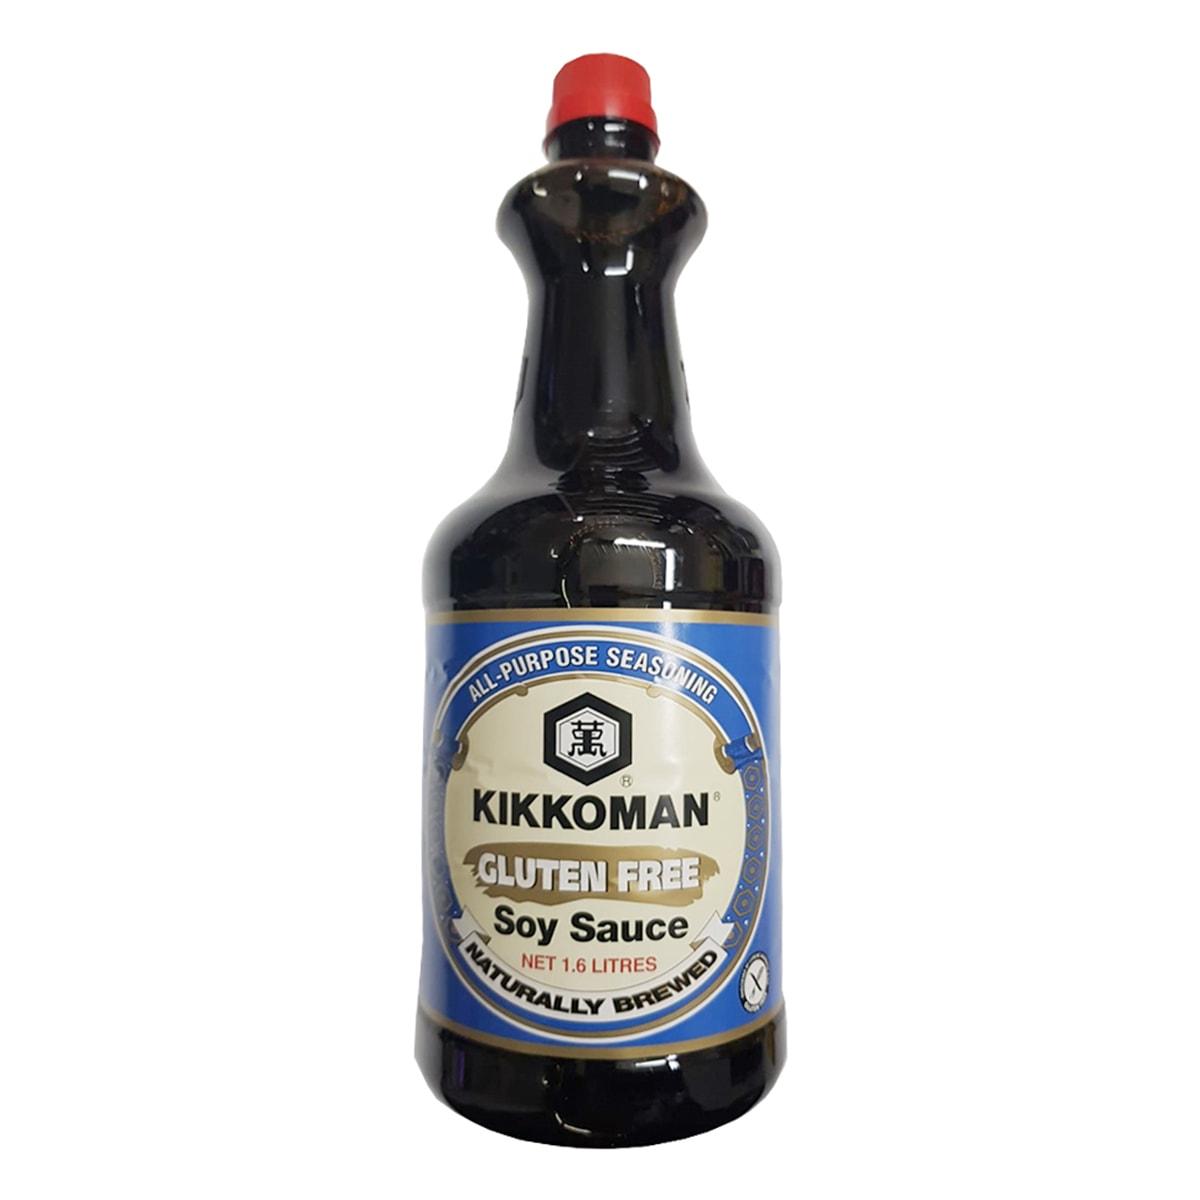 Buy Kikkoman Gluten-free Soy Sauce - 1.6 Litre